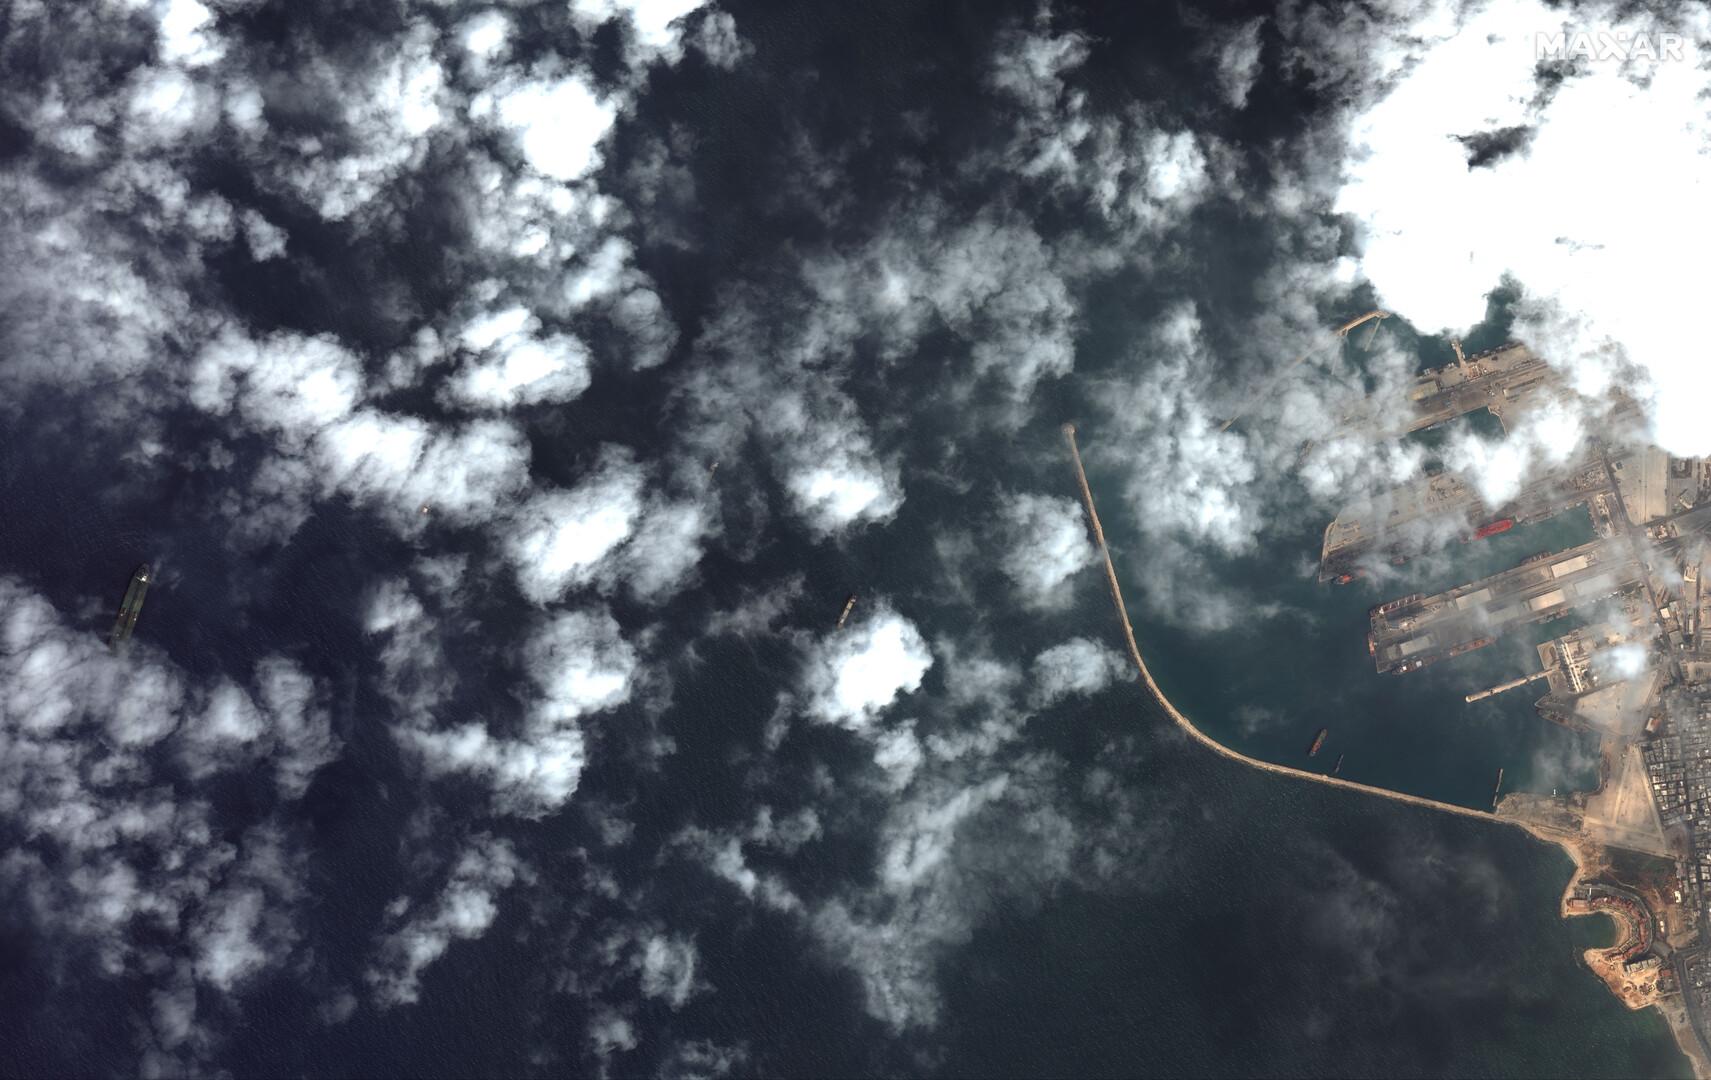 الأقمار الصناعية ترصد ناقلة النفط الإيراني قبالة الساحل السوري (صور+فيديو)